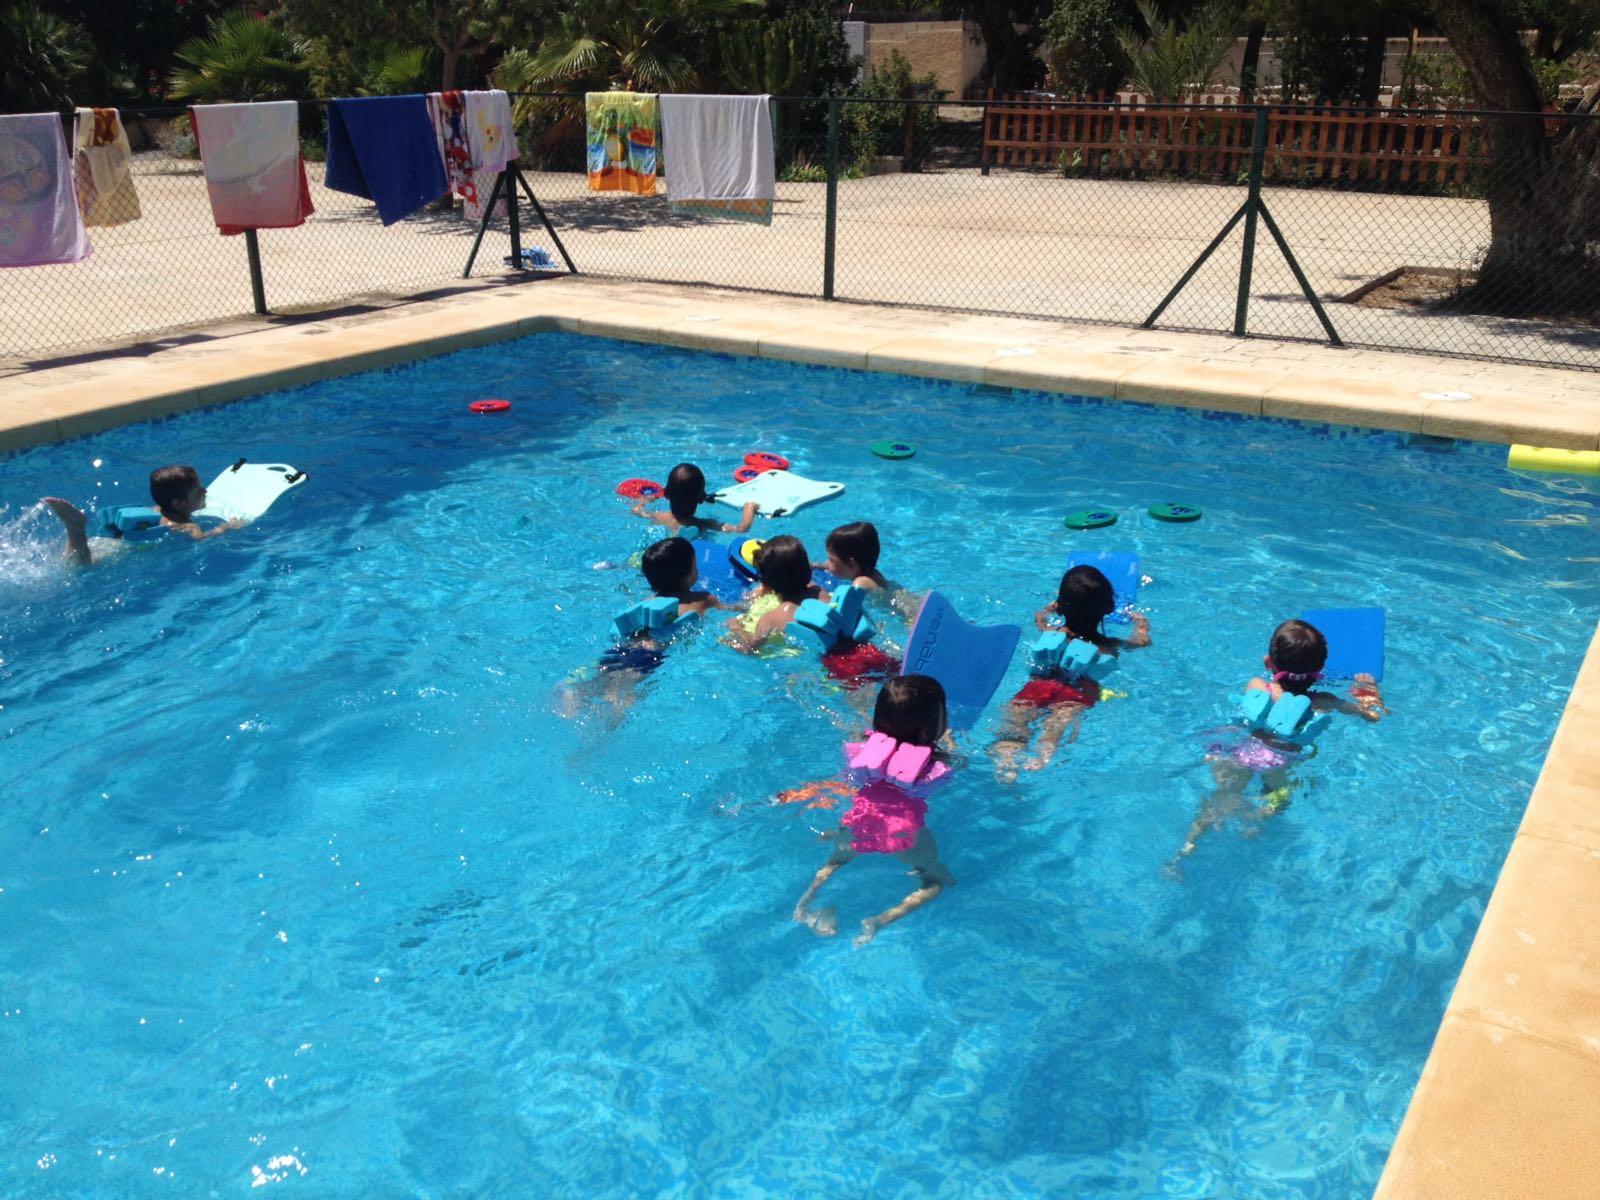 ¿Qué beneficios psicológicos tiene la natación en los niños?